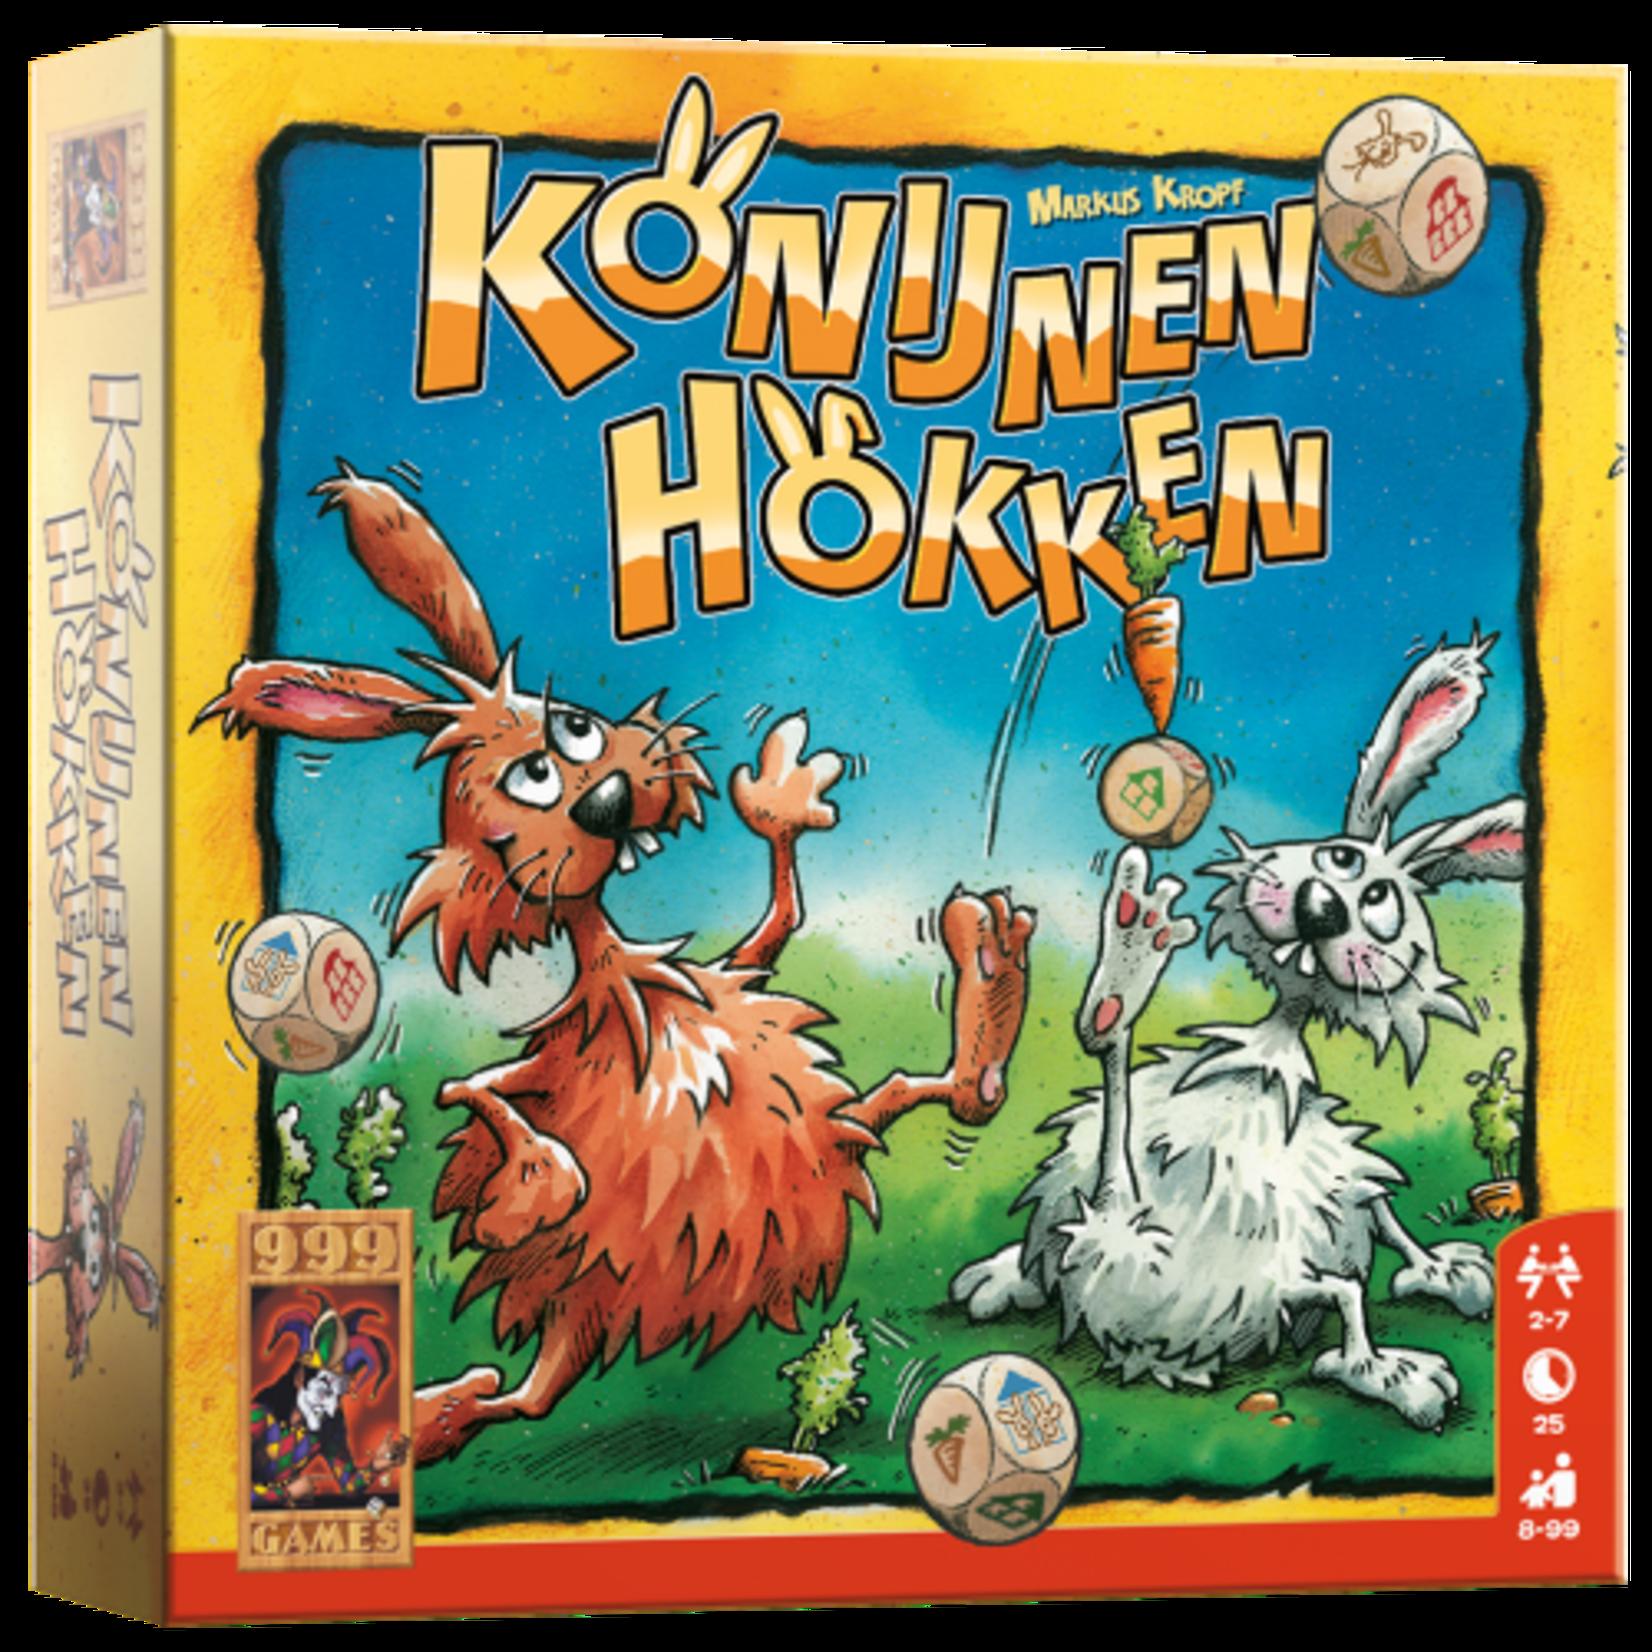 999 Games Konijnenhokken